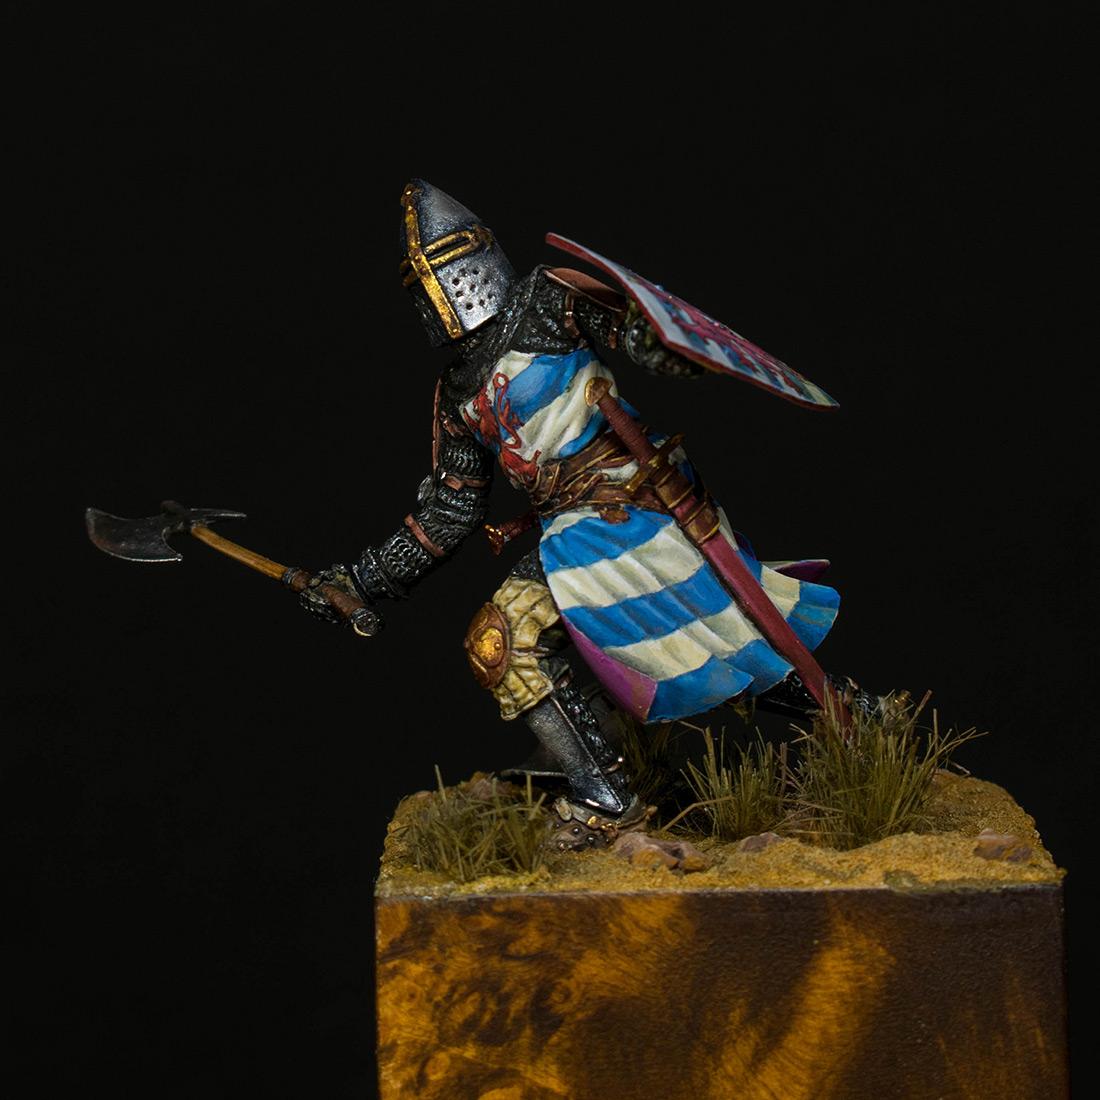 Figures: Hugues III de Lusignan, circa 1260, photo #1